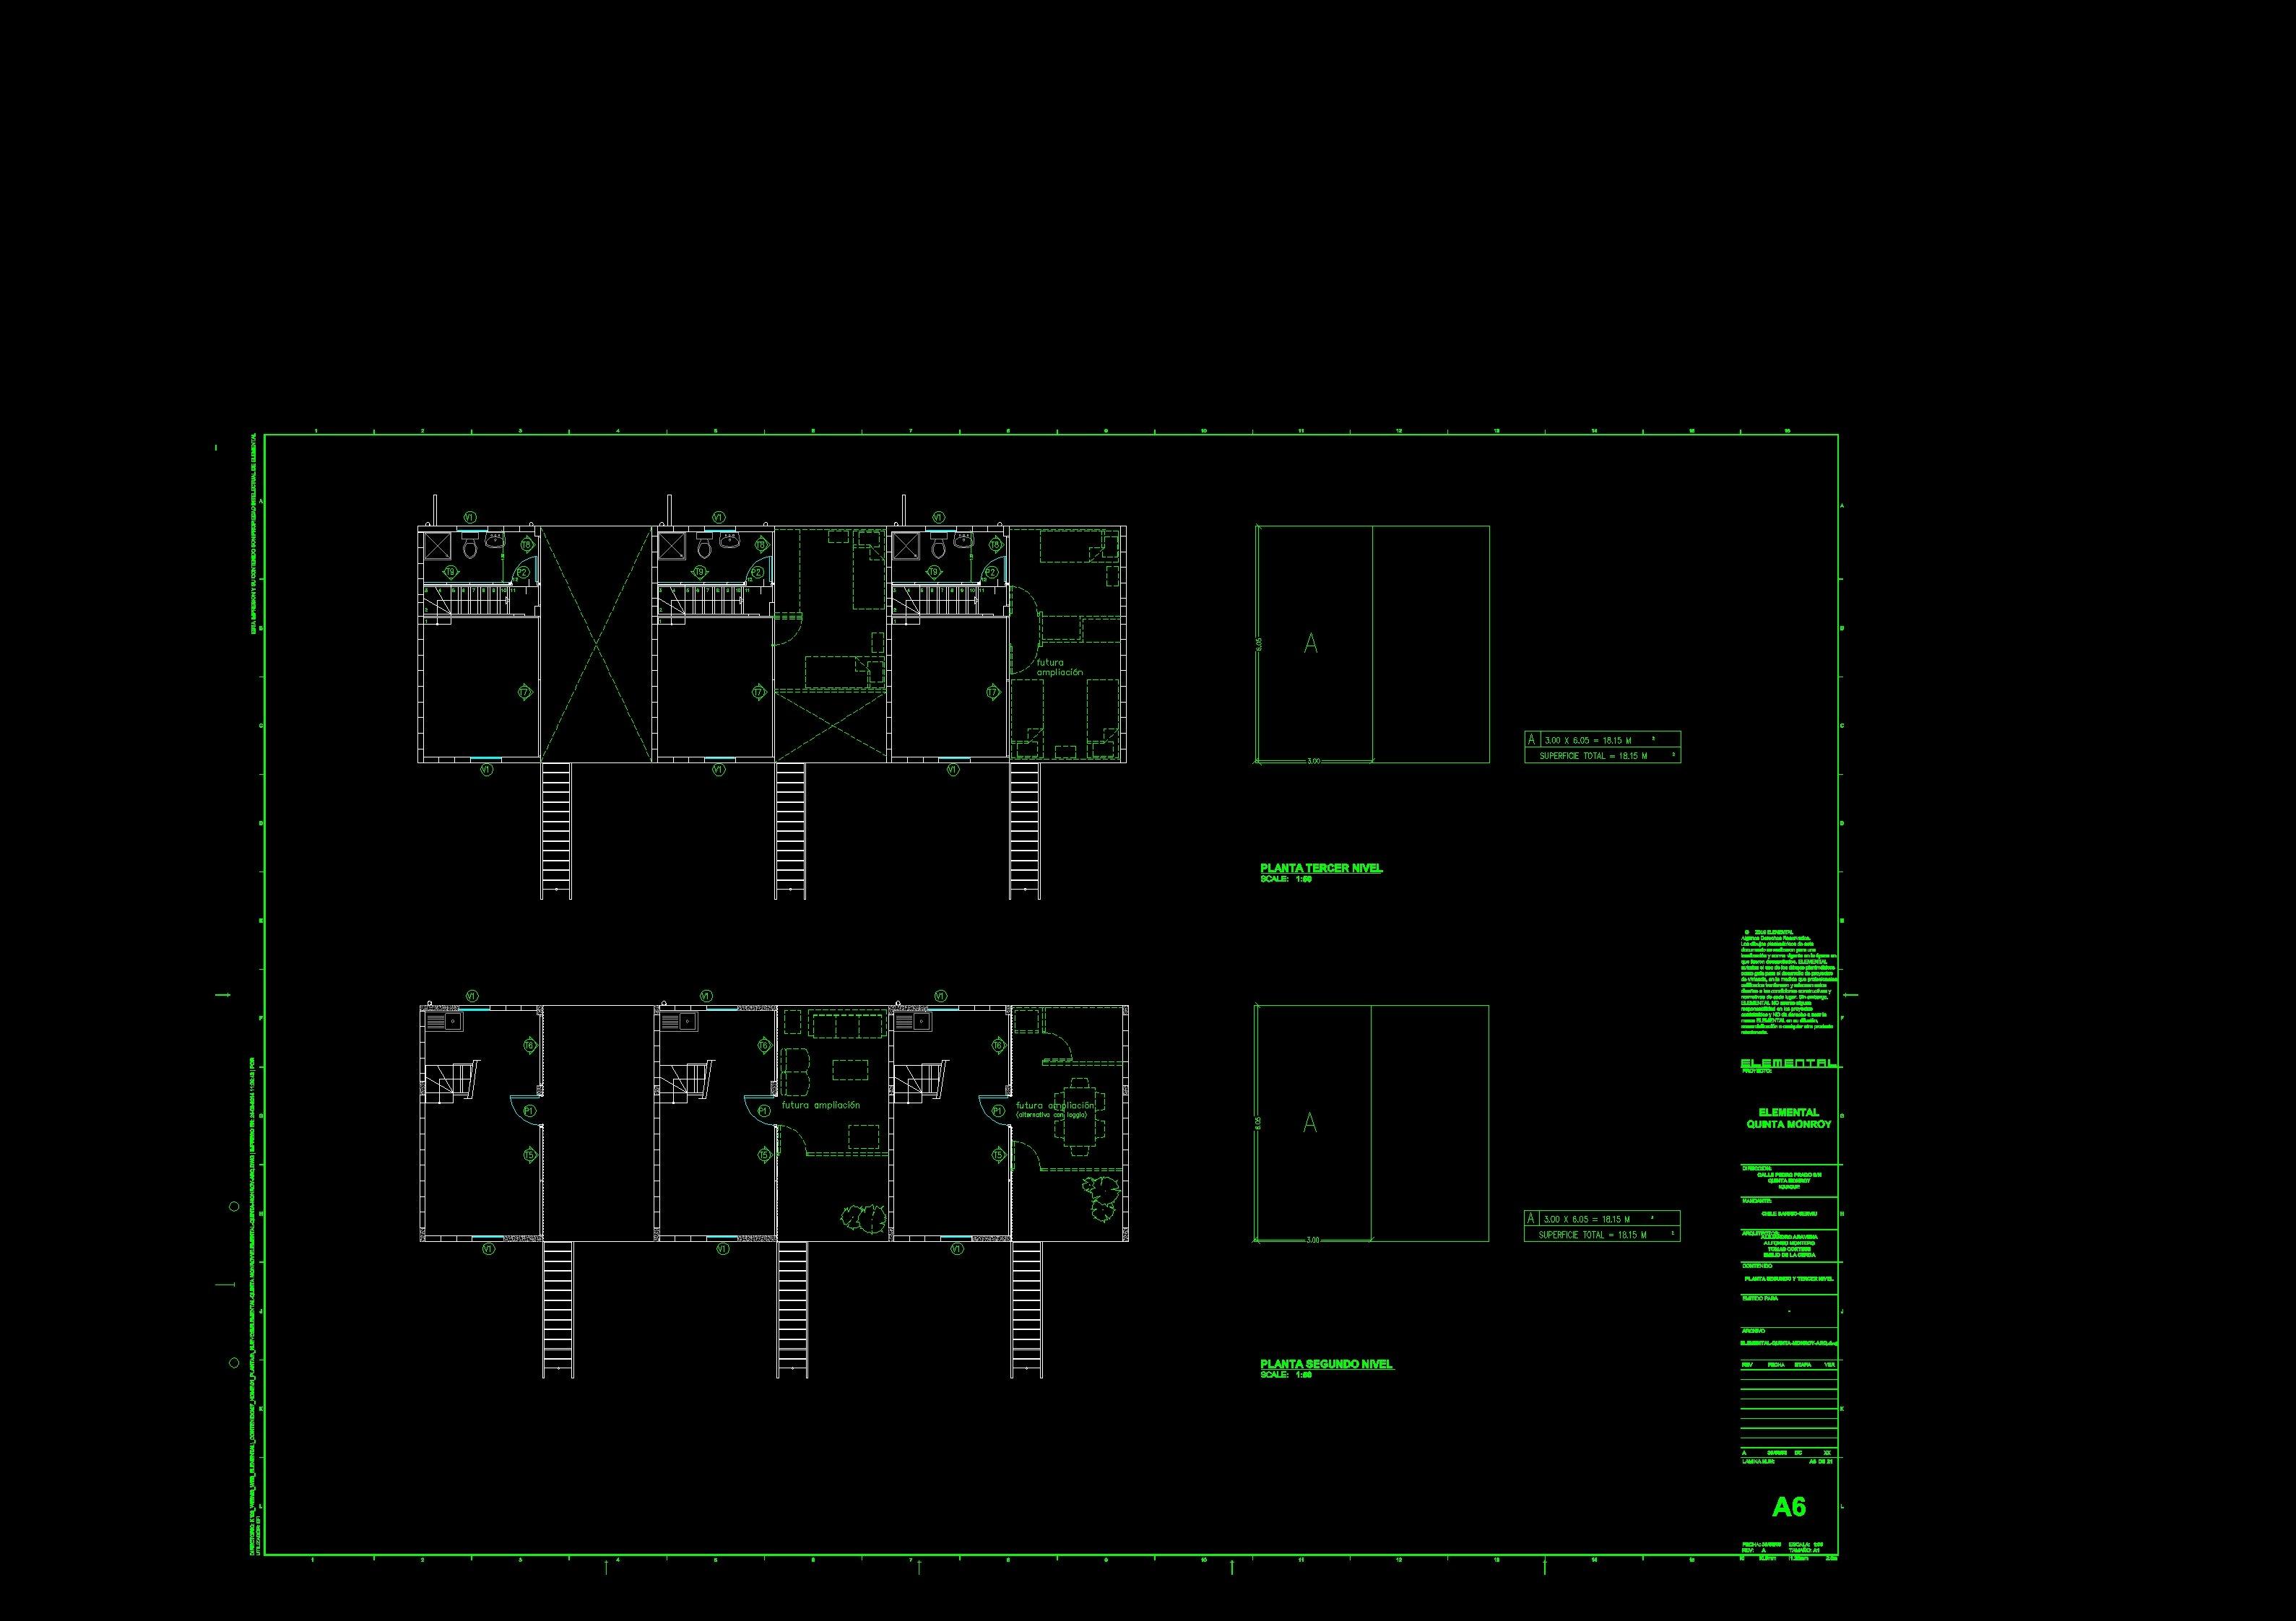 Proyecto de Aravena: Planos Arquitectónicos de la Quinta Monroy por Aravena